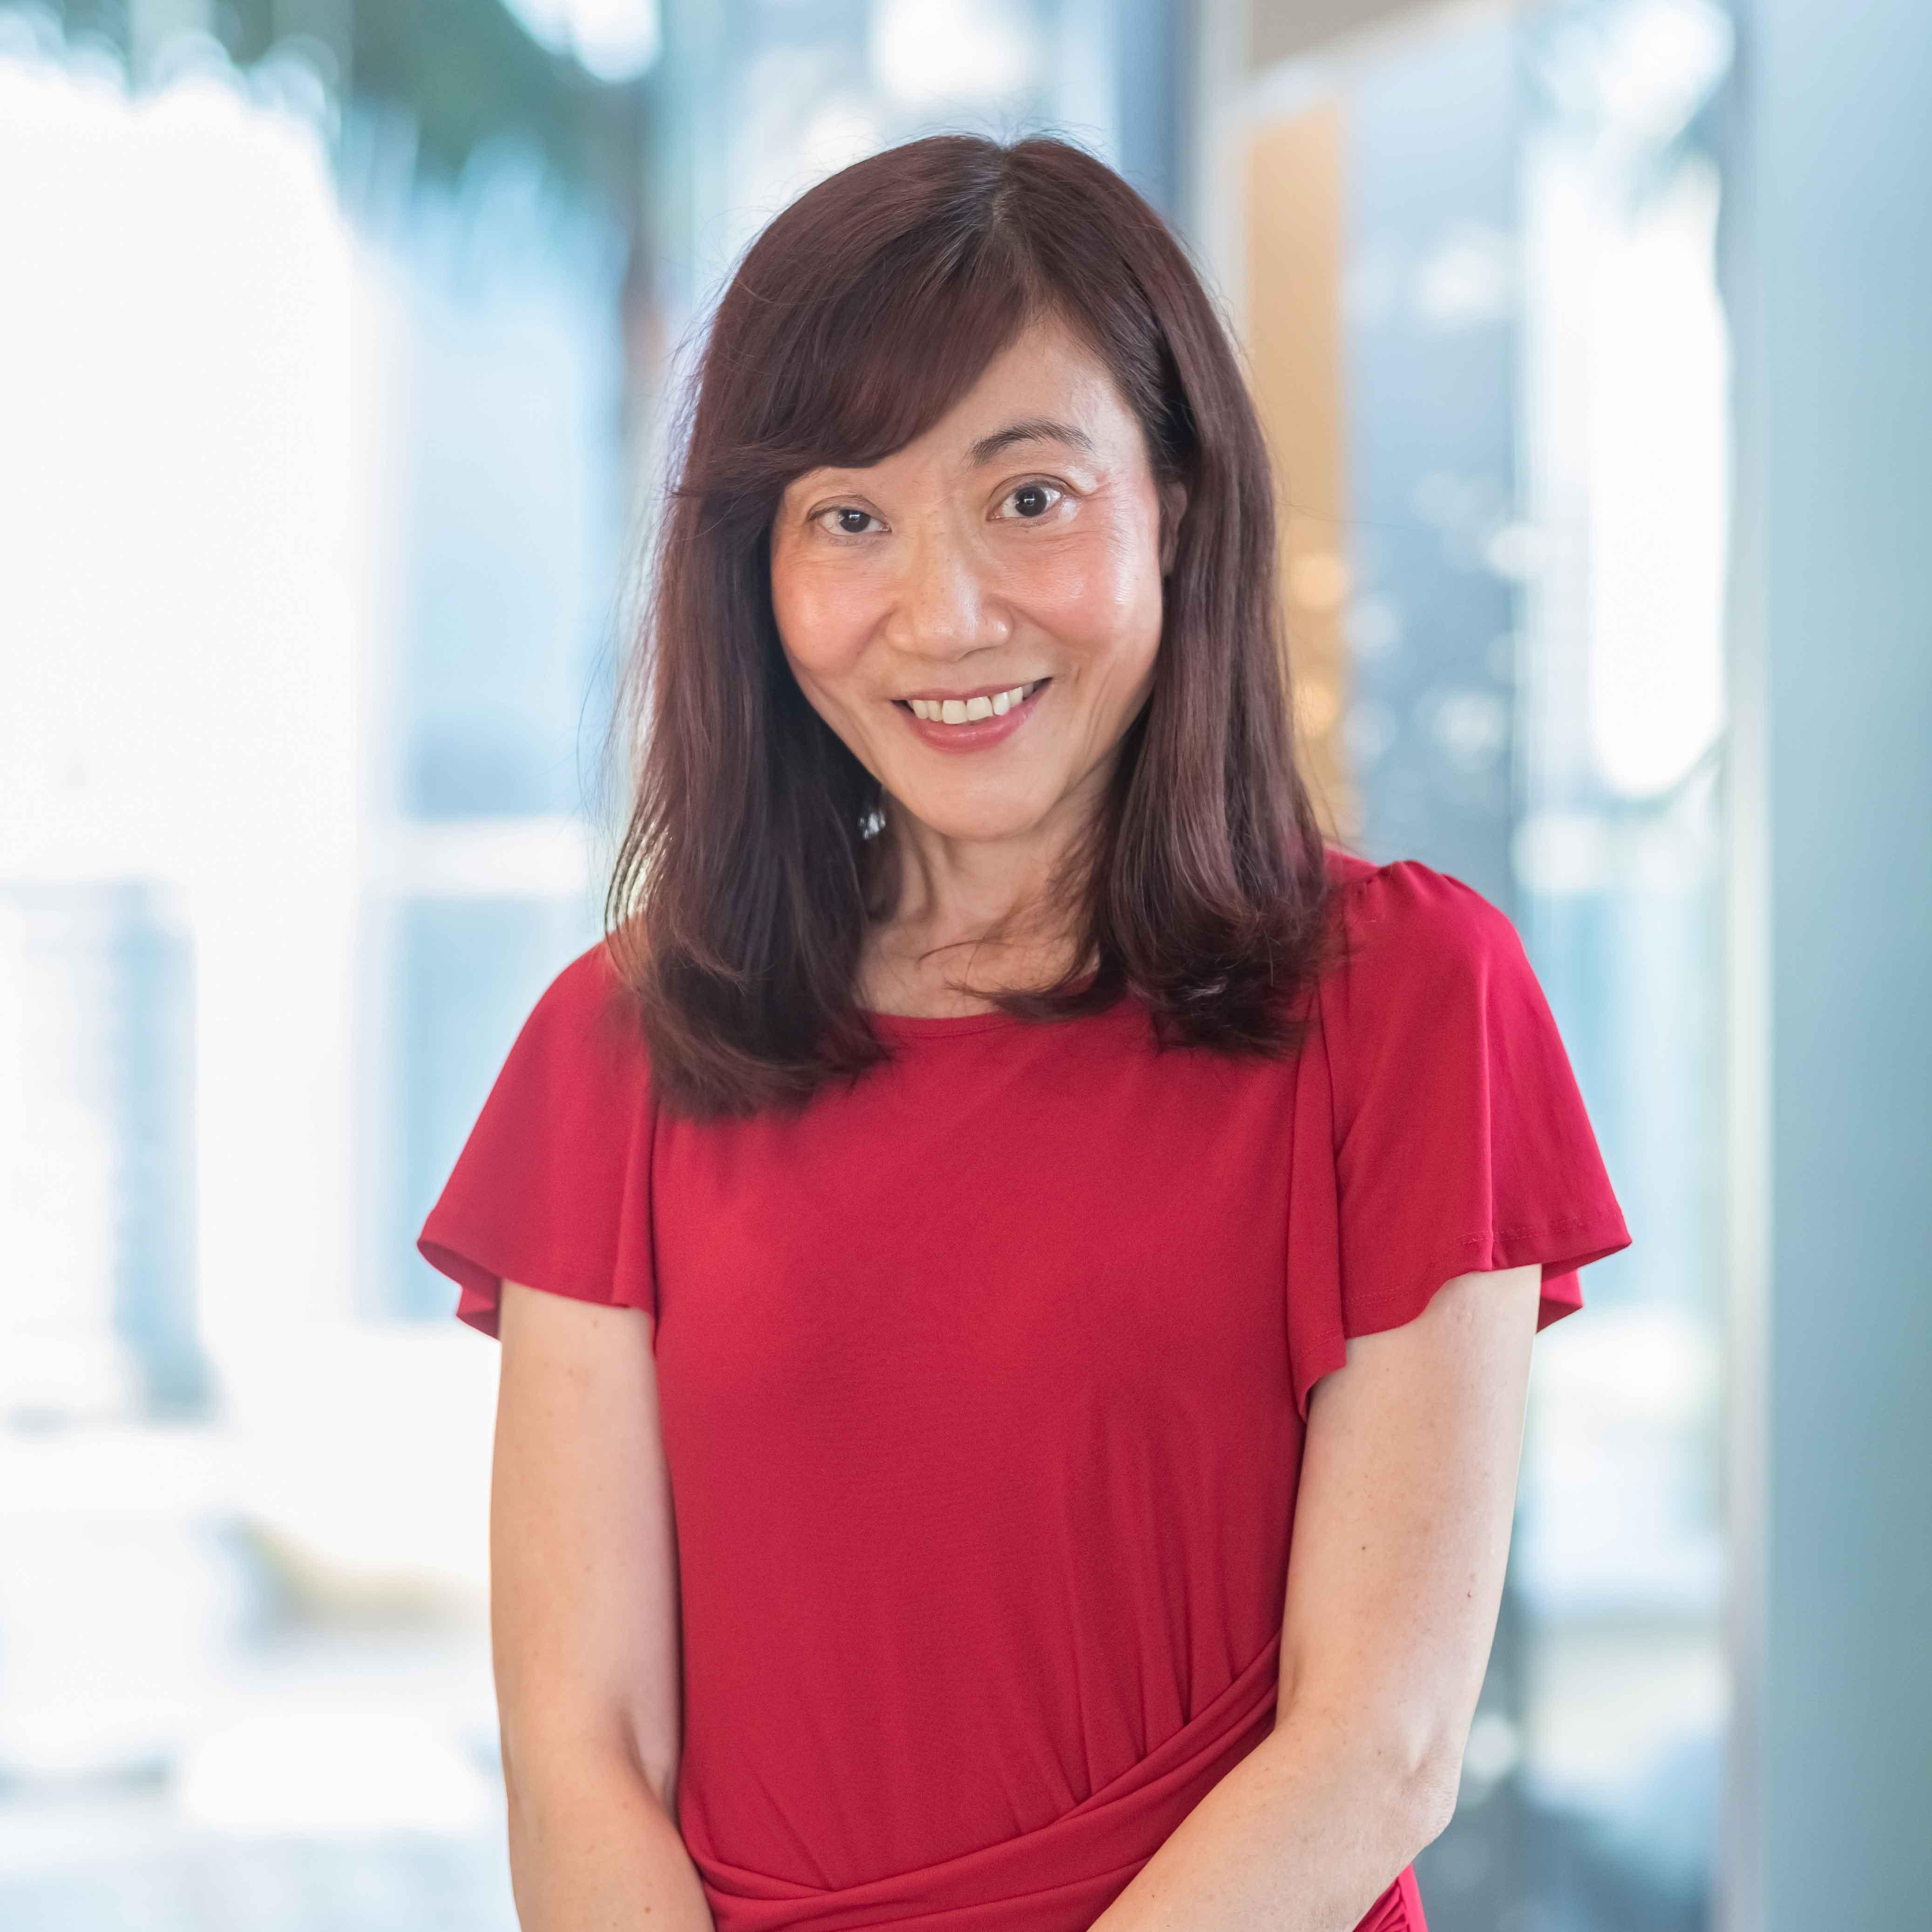 Dr. Chua Kah Mui Eunice - Gynecologist